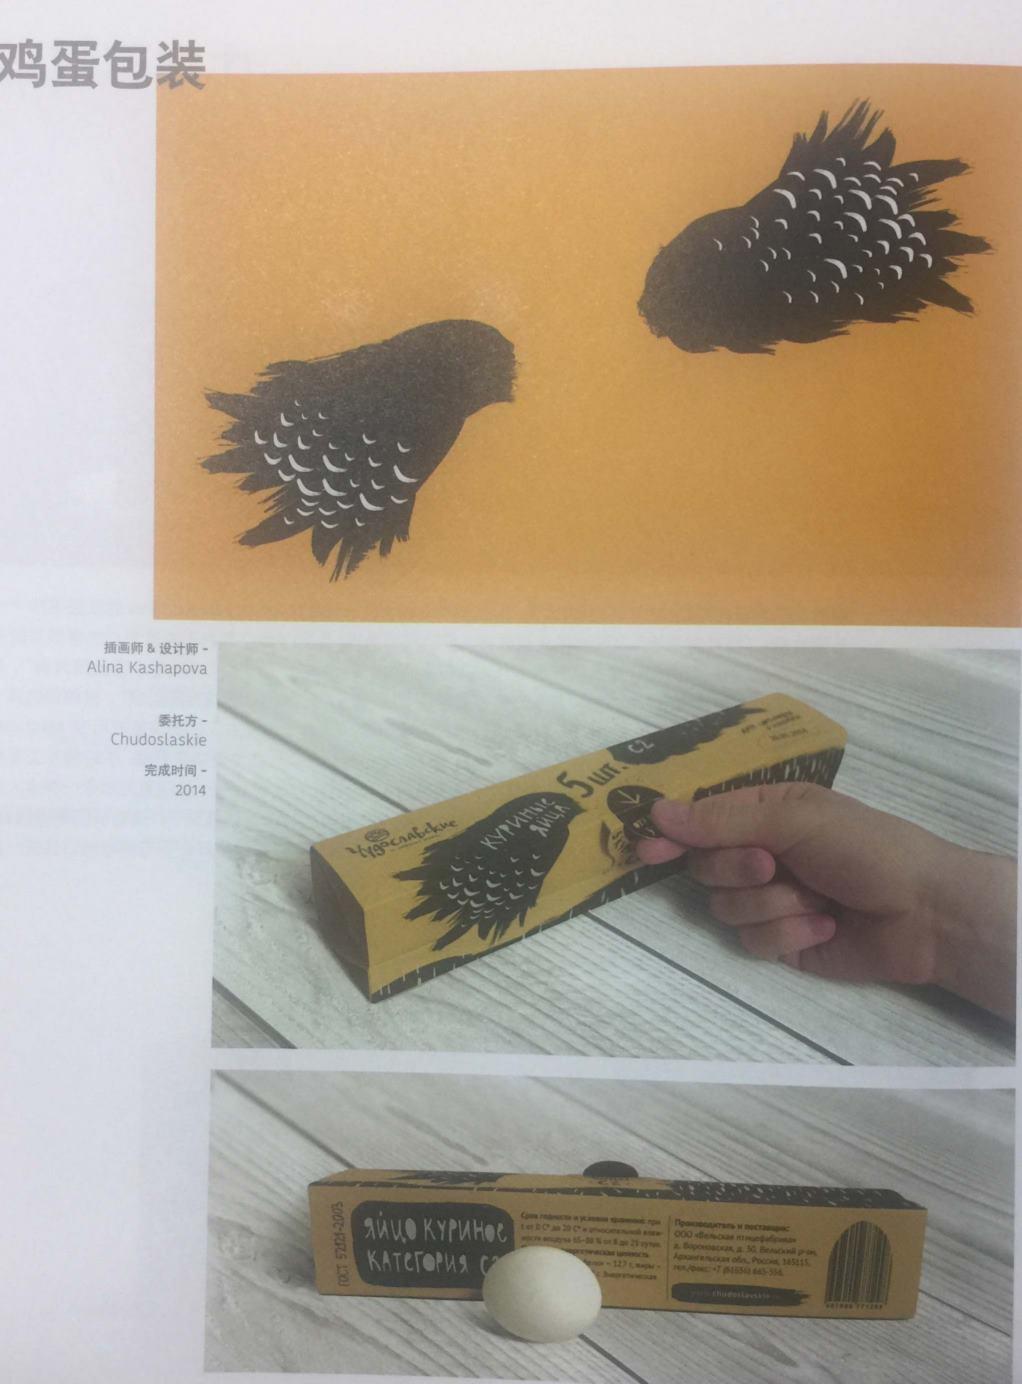 色彩鮮艷的農副產品雞蛋包裝設計